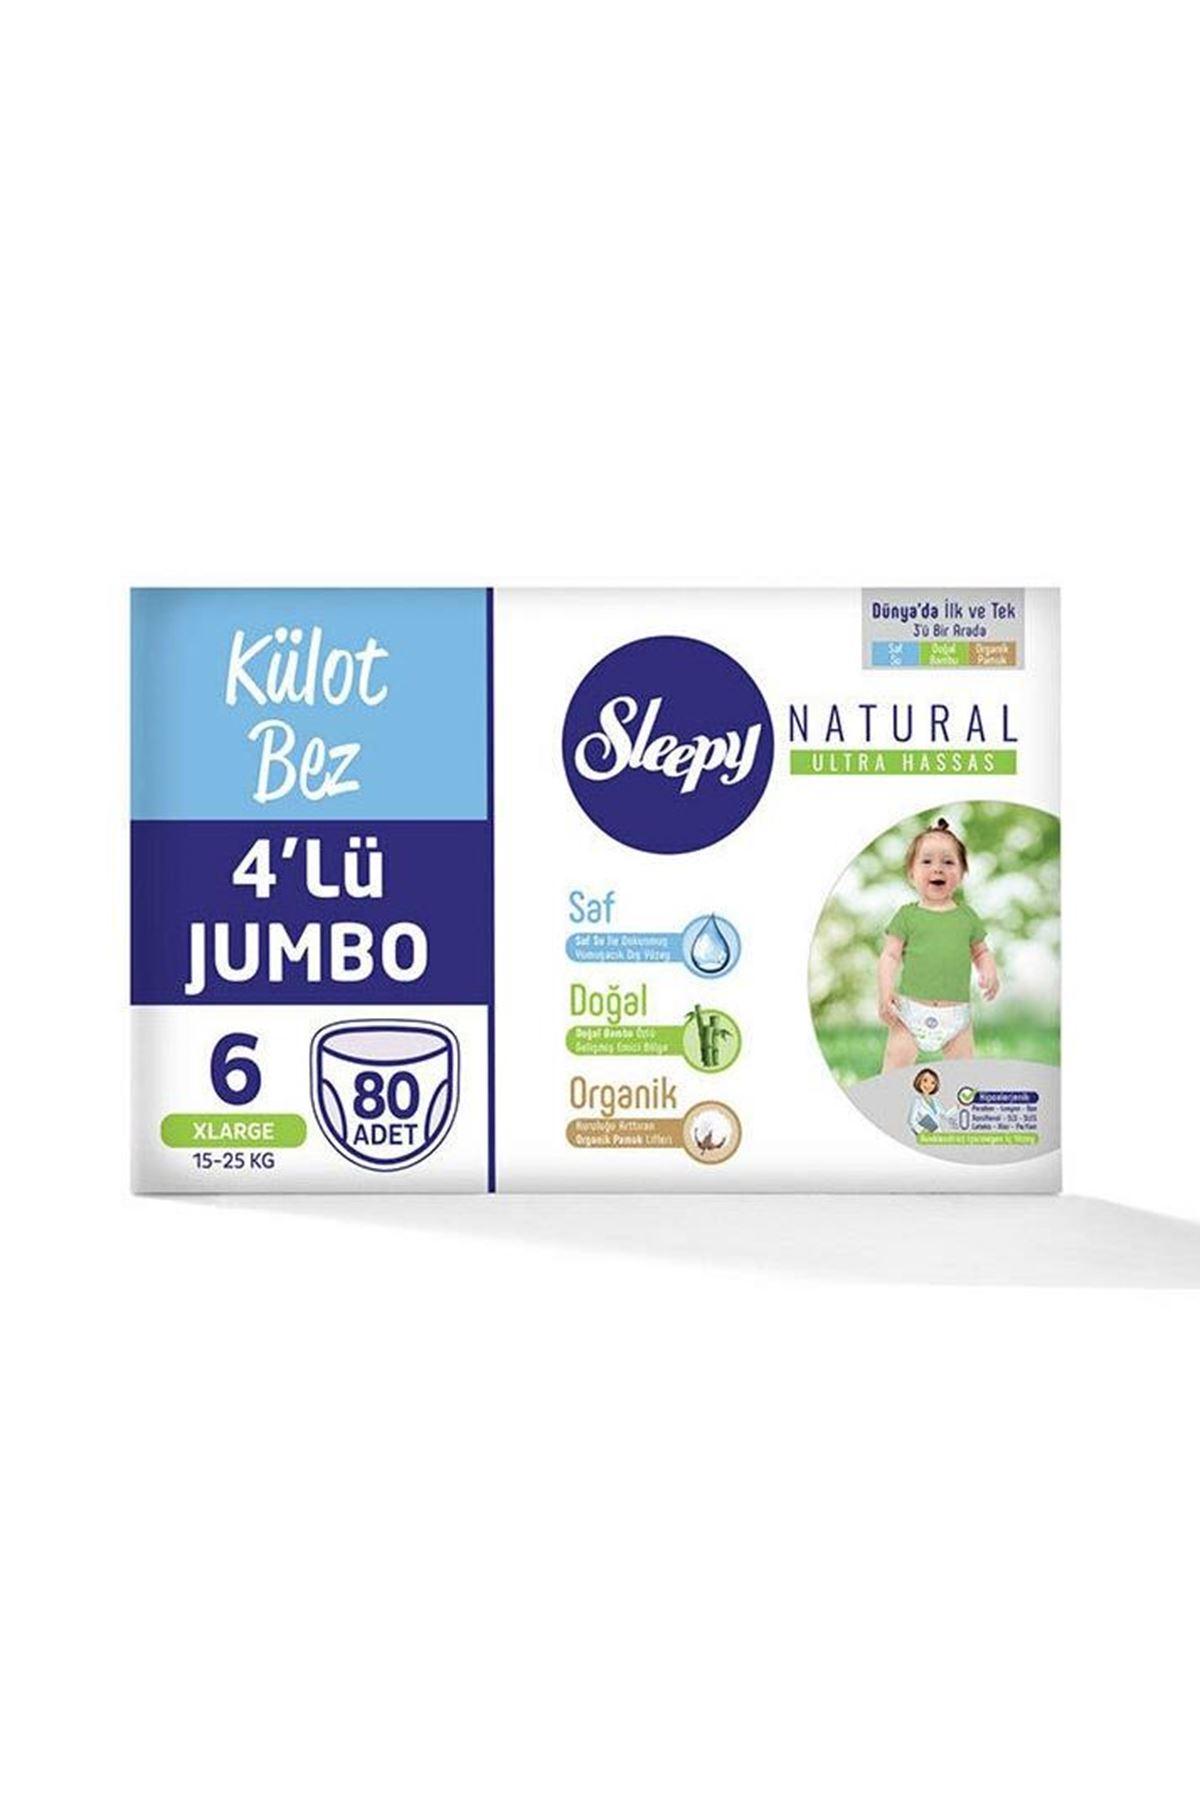 Sleepy Natural Külot Bez 4lü Jumbo 6 Beden 15-25 Kg 80 Adet